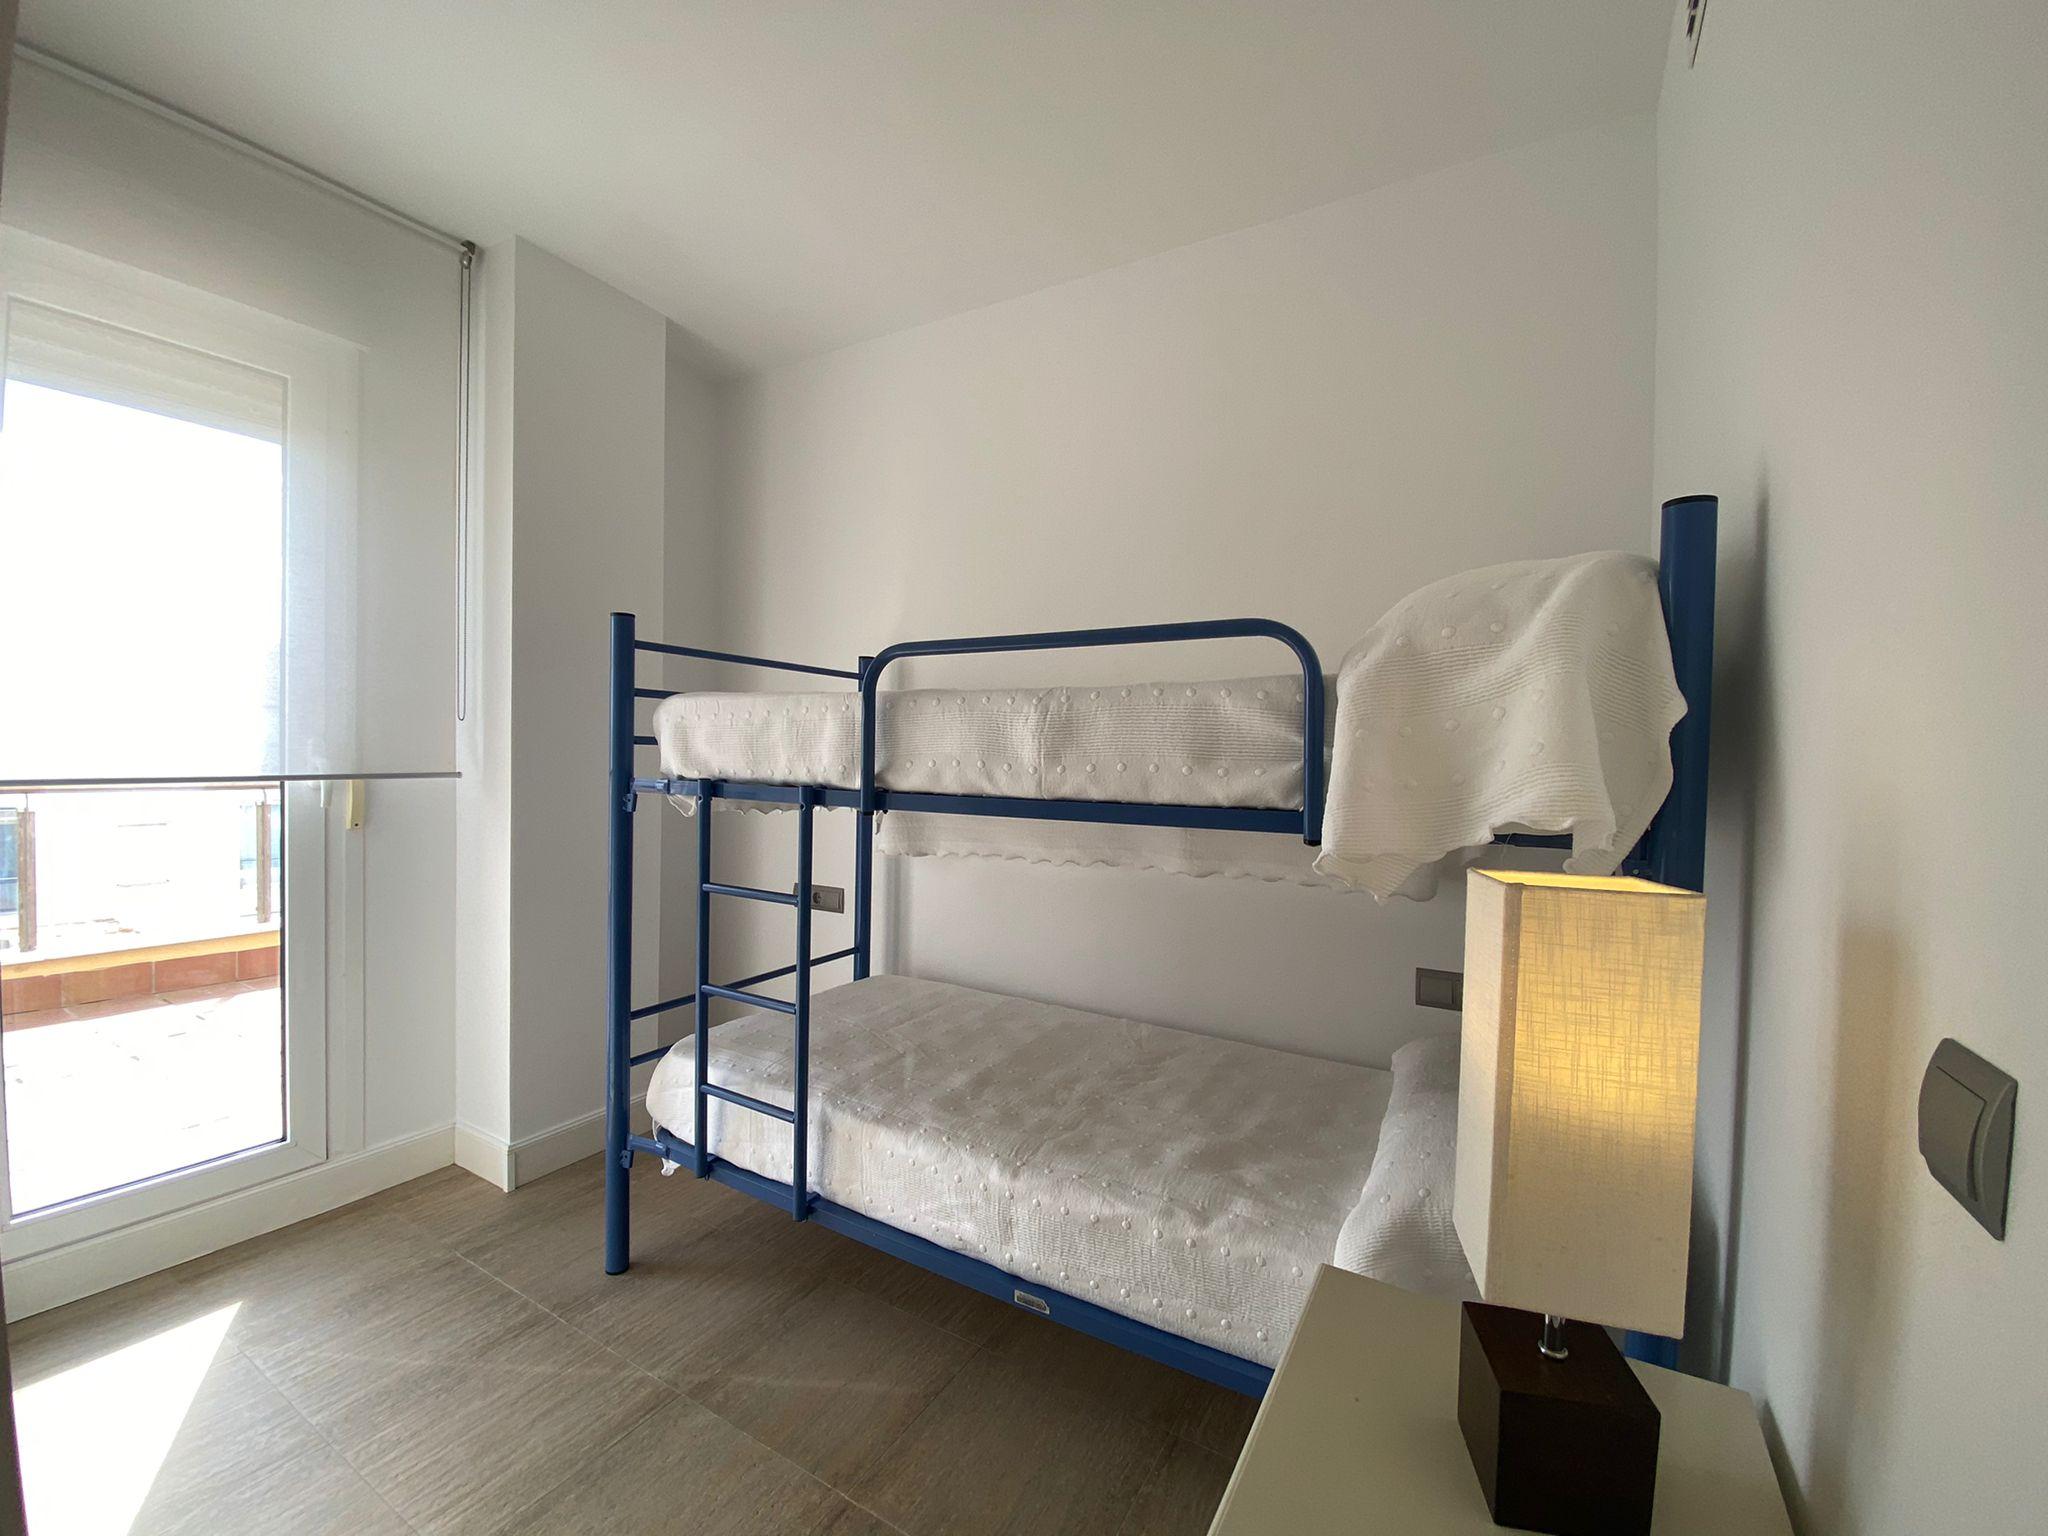 Imagen 37 del Apartamento Turístico, Ático 7 Central (3d+2b), Punta del Moral (HUELVA), Paseo de la Cruz nº22